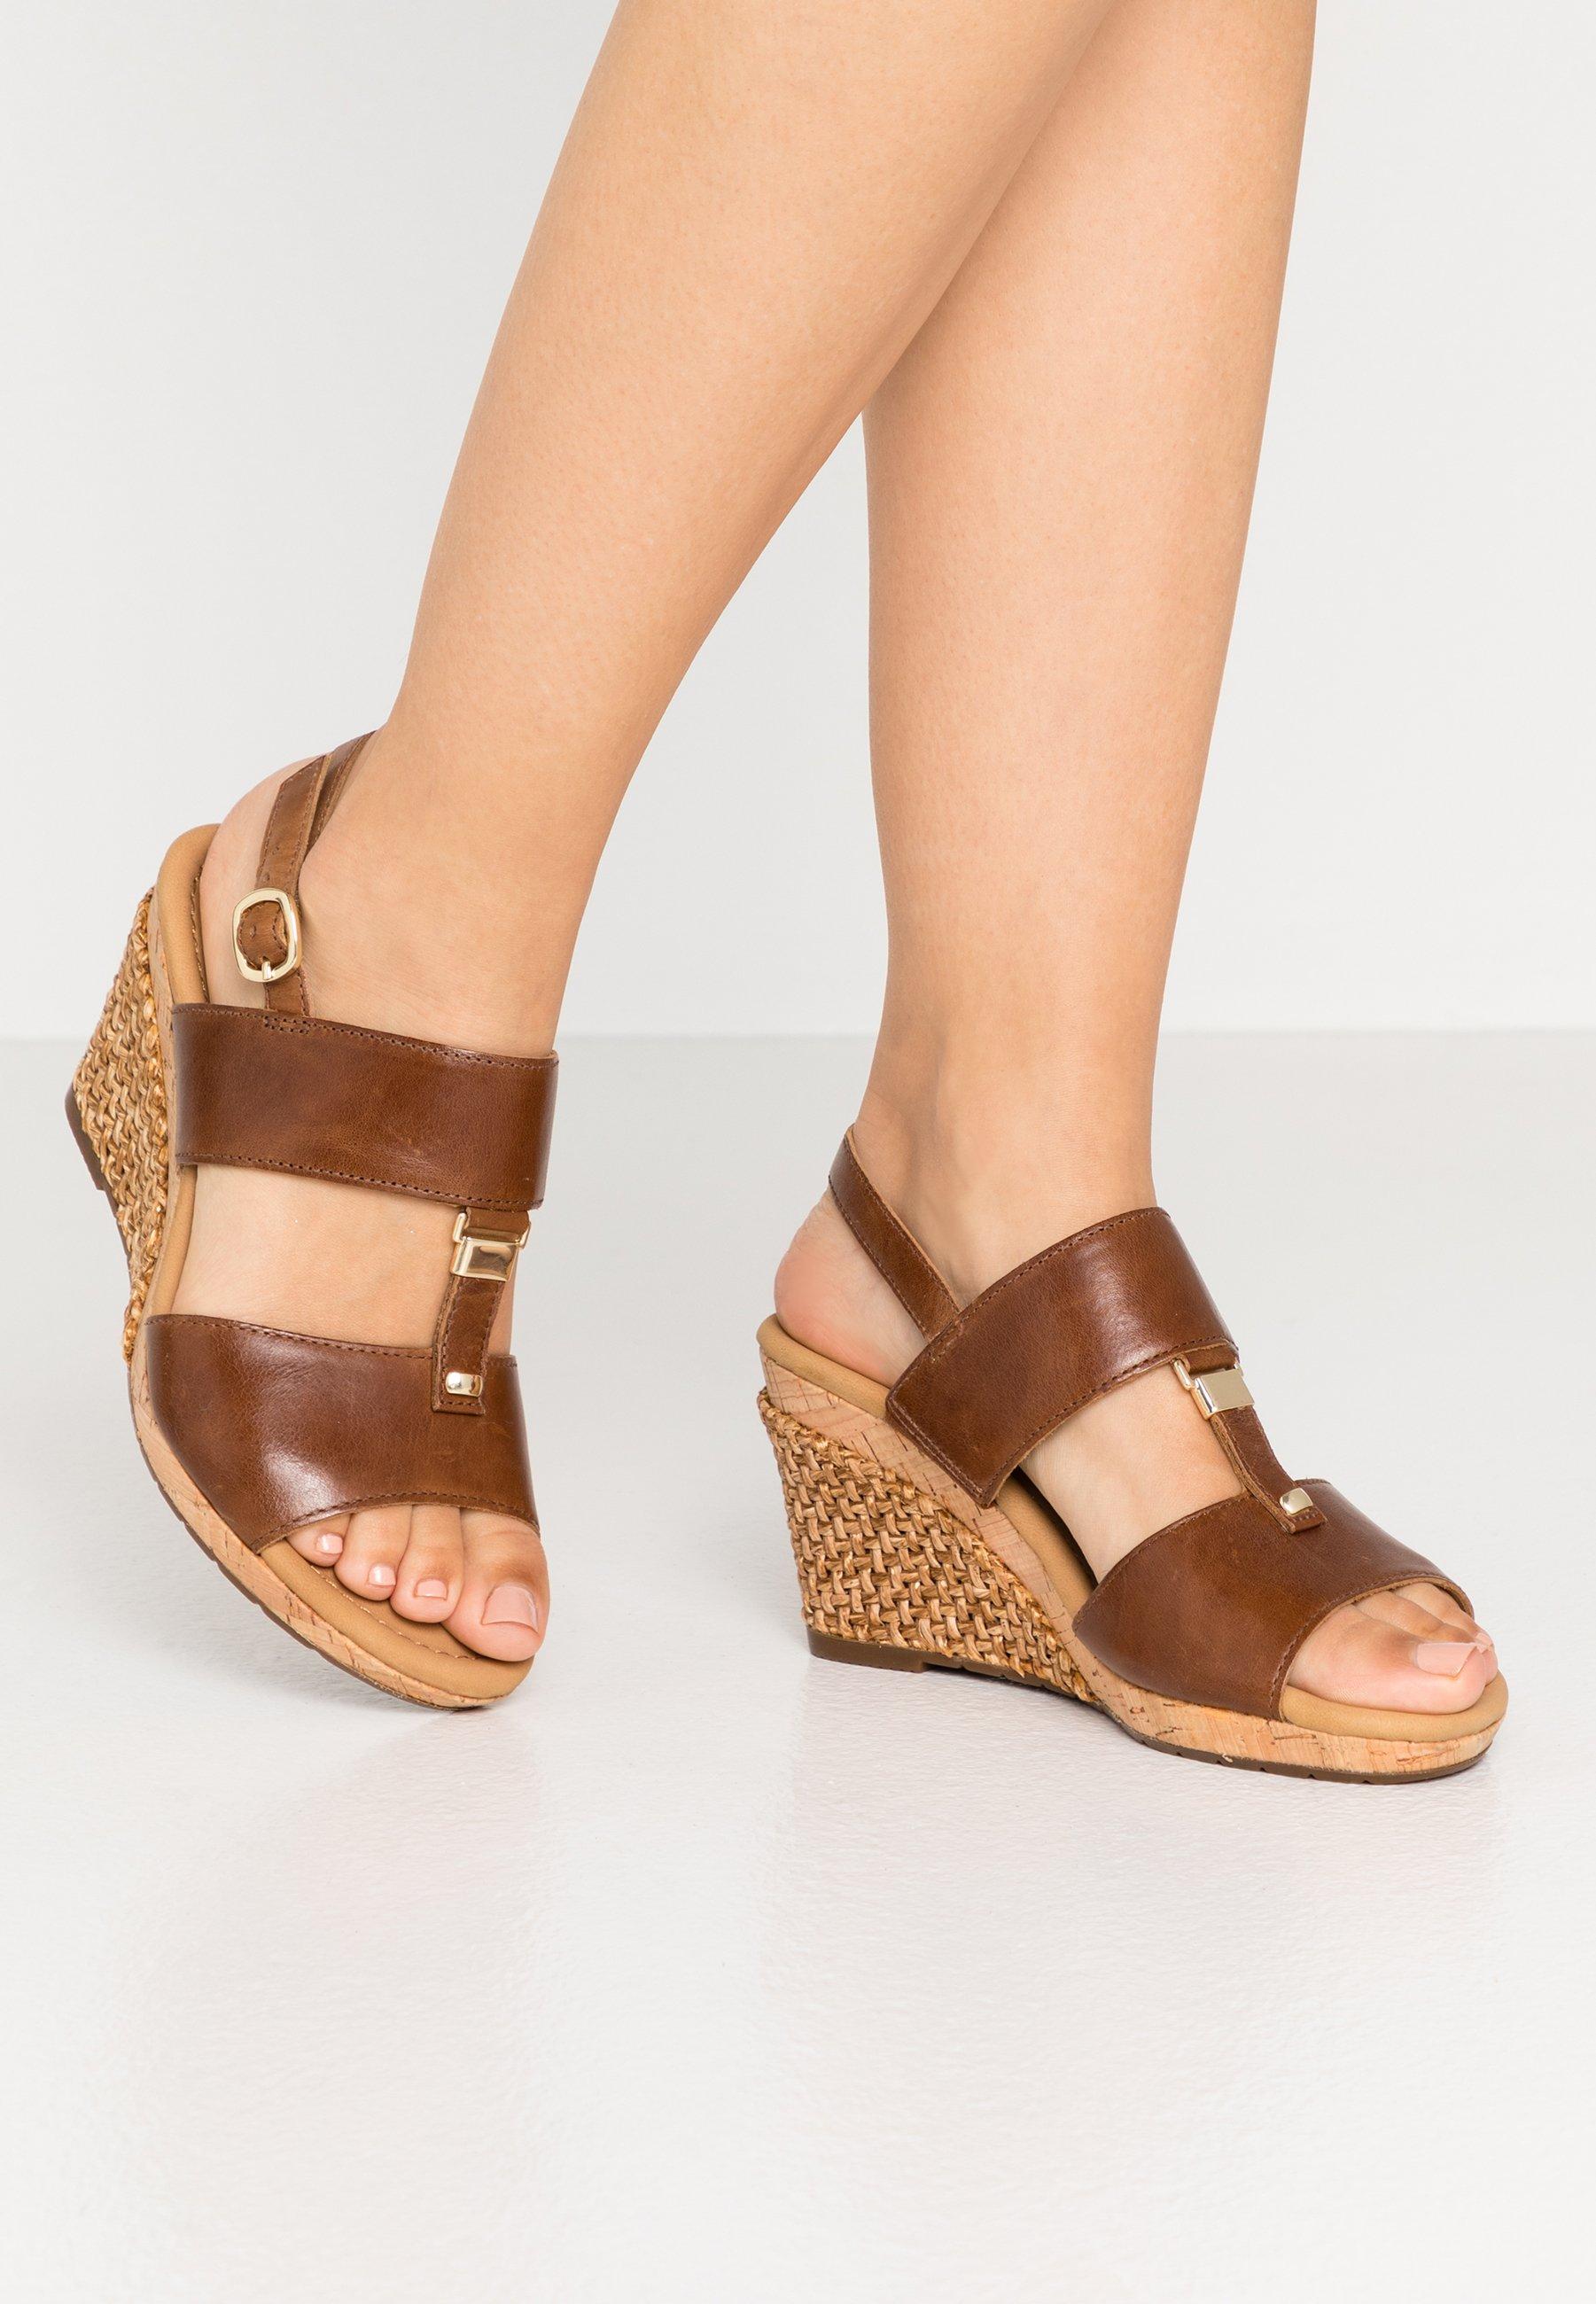 Gabor Comfort Sandales Compensées - Peanut